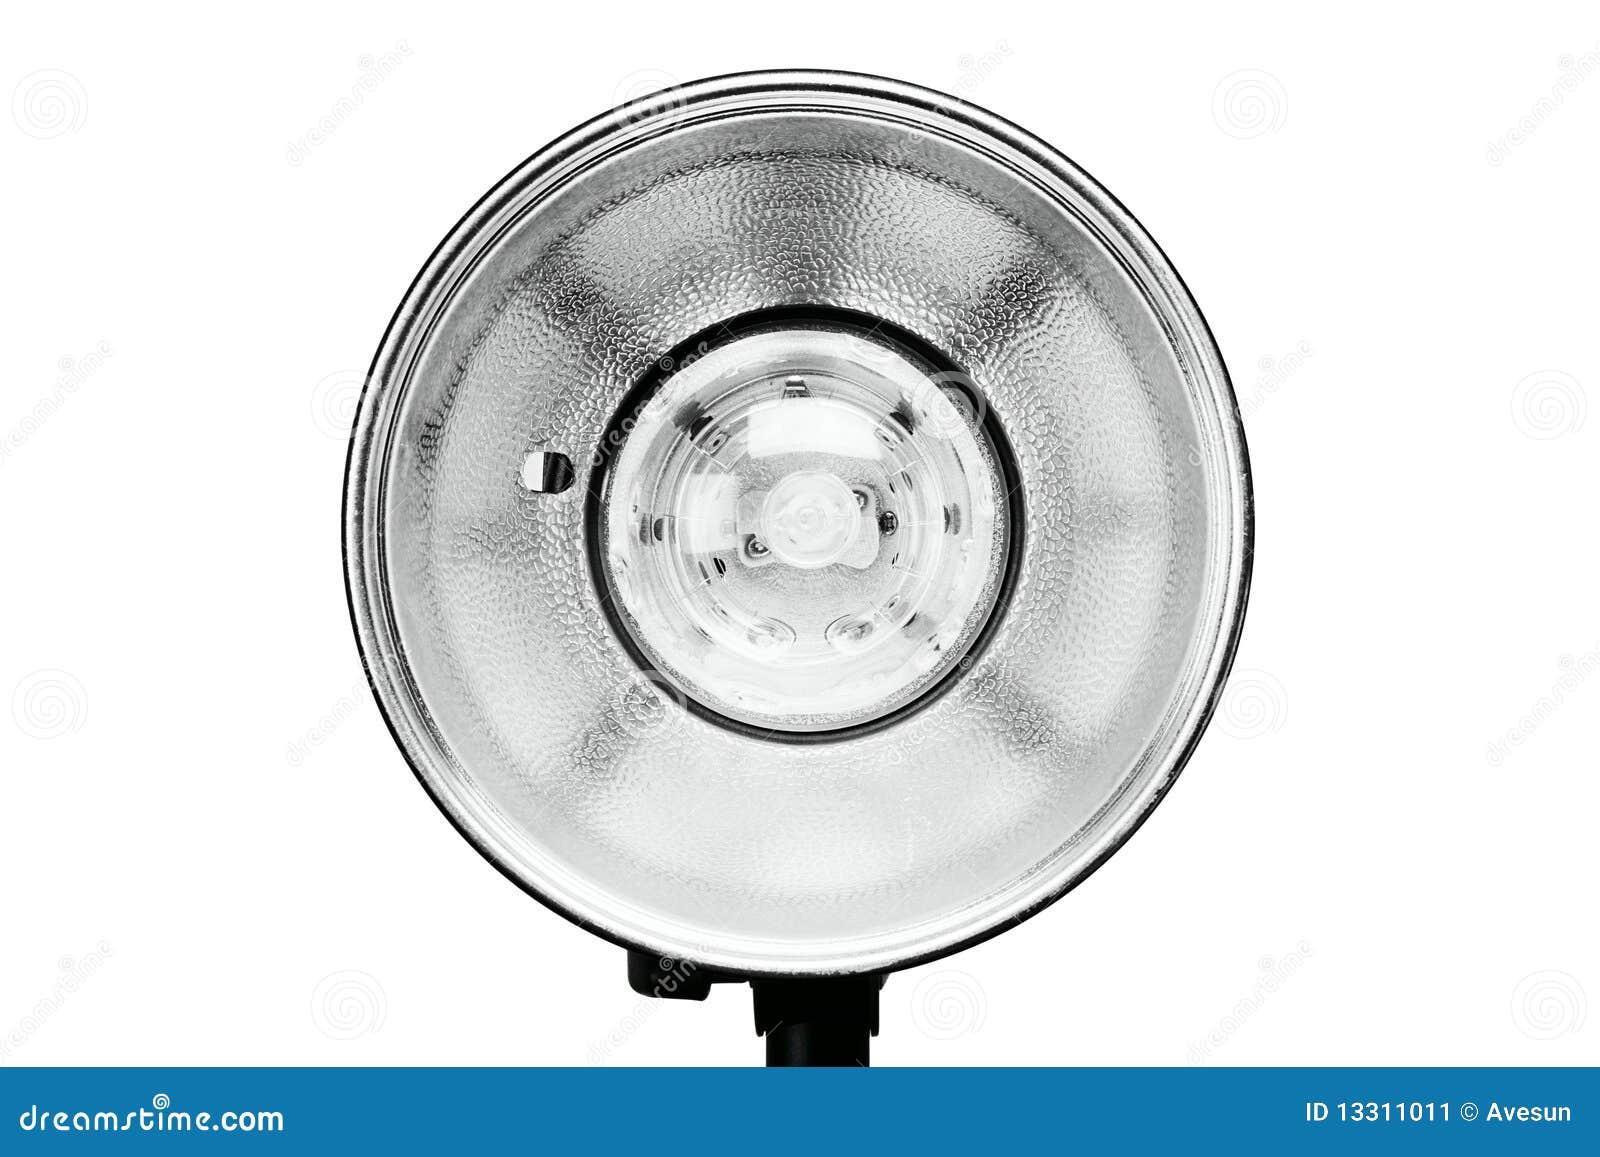 Photo studio flash lighting equipment